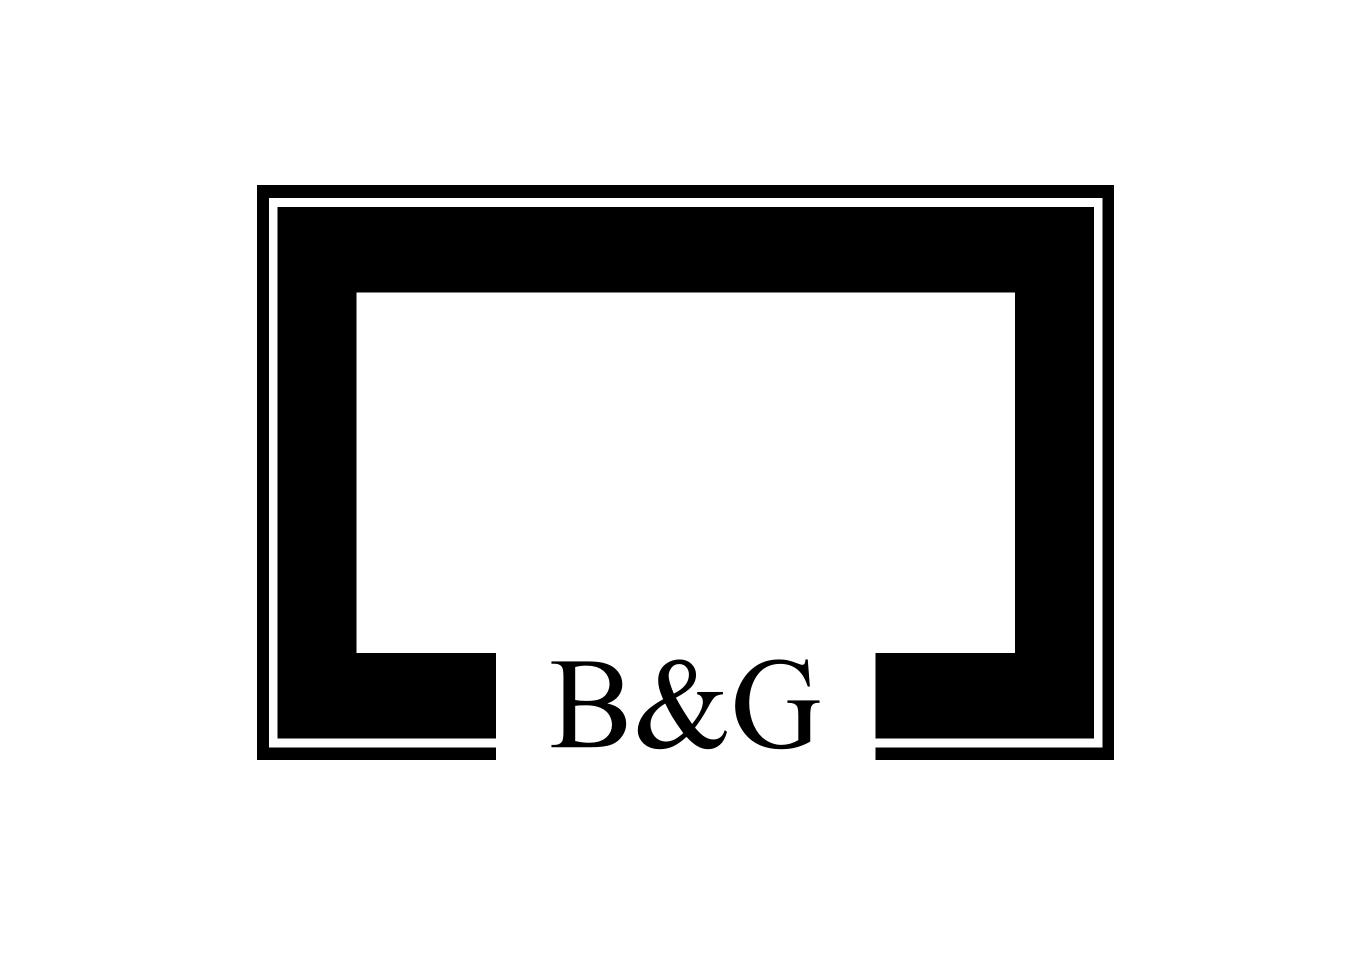 Hausverwaltung B&G